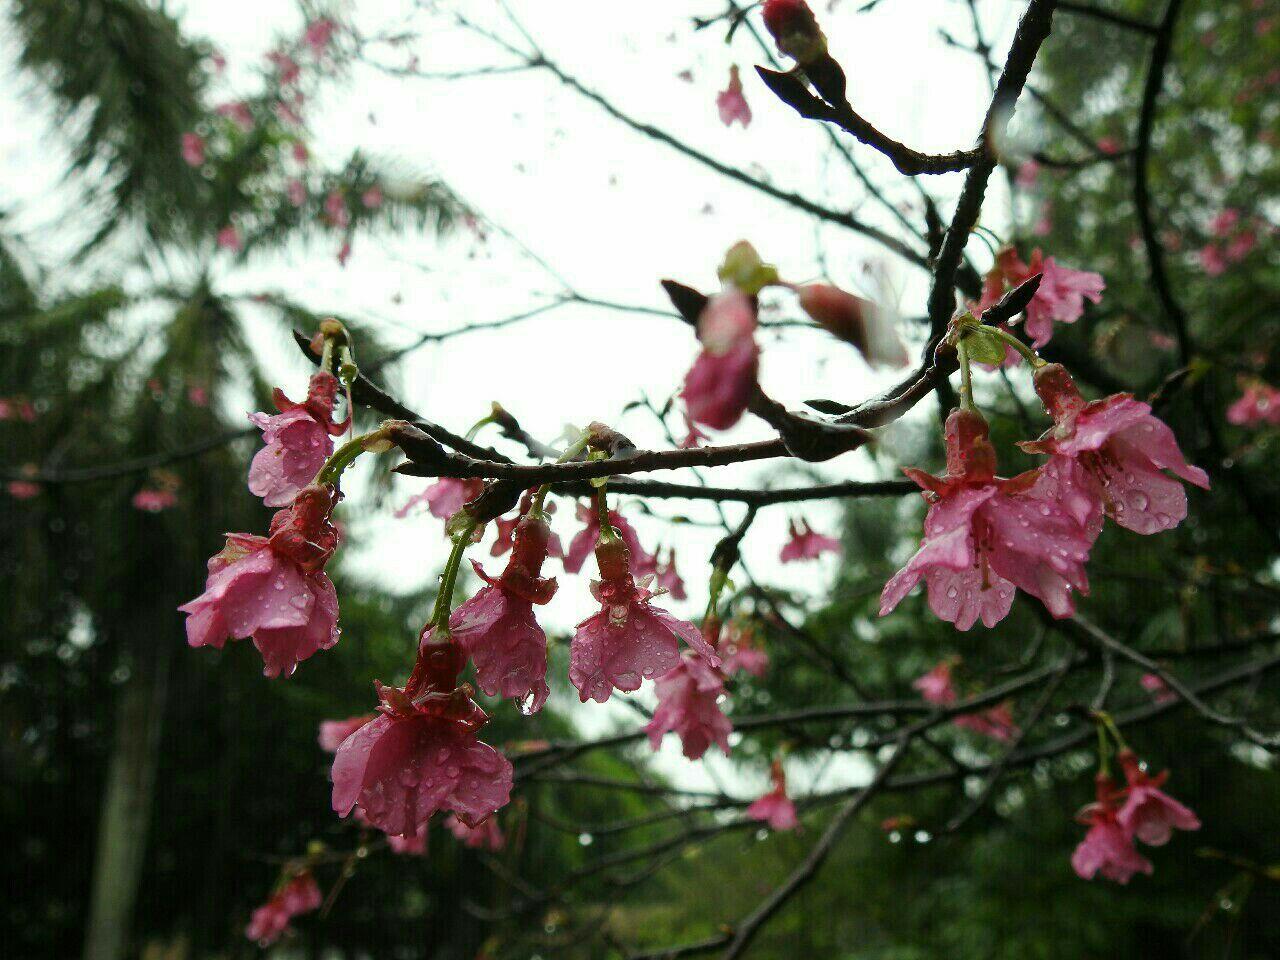 《花》你若盛开,蝴蝶自来,摄于珠海度假村酒店园区,系列3:雨中樱花